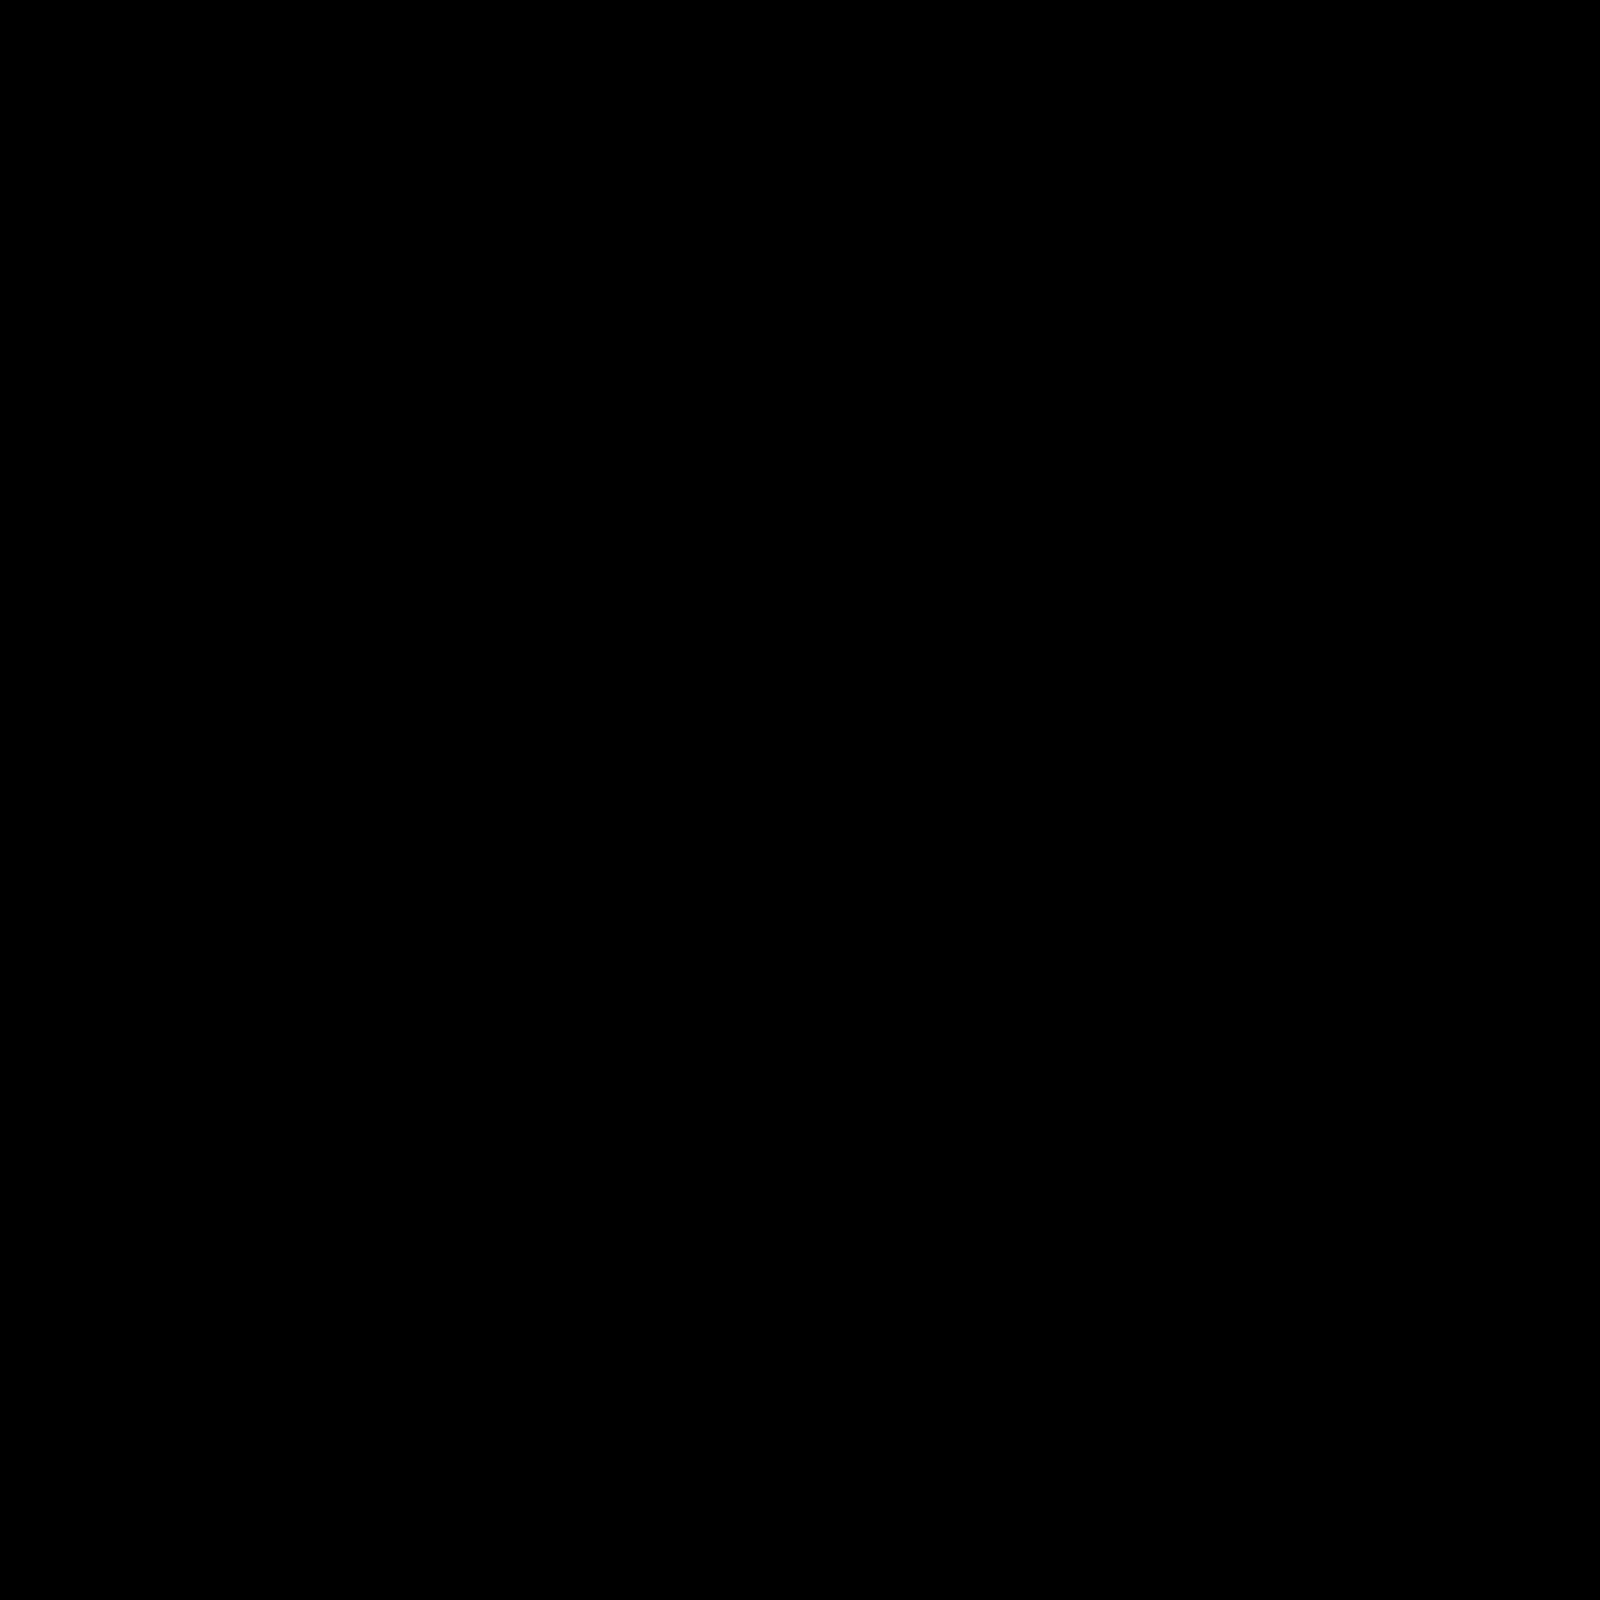 Powwow Drum Filled icon